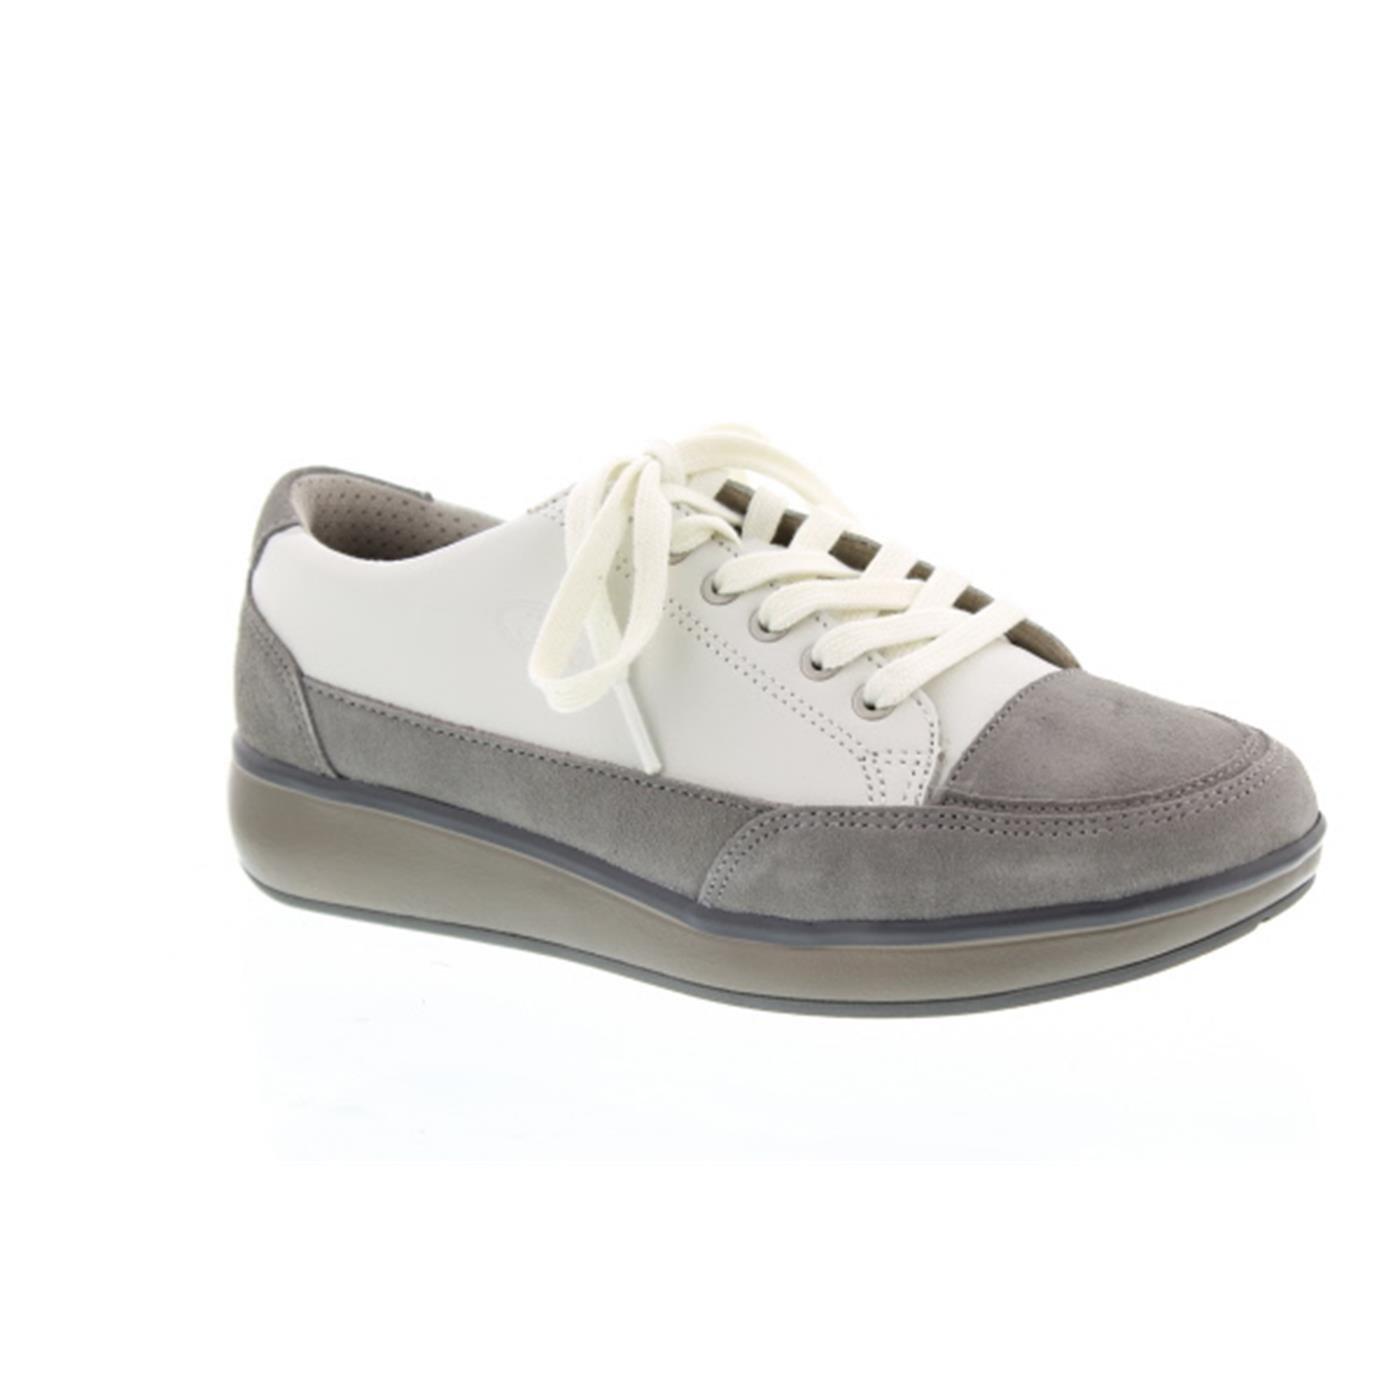 Joya , Chaussures , de ville à lacets lacets pour à femme Wei? 0a3c46c - automaticcouplings.space